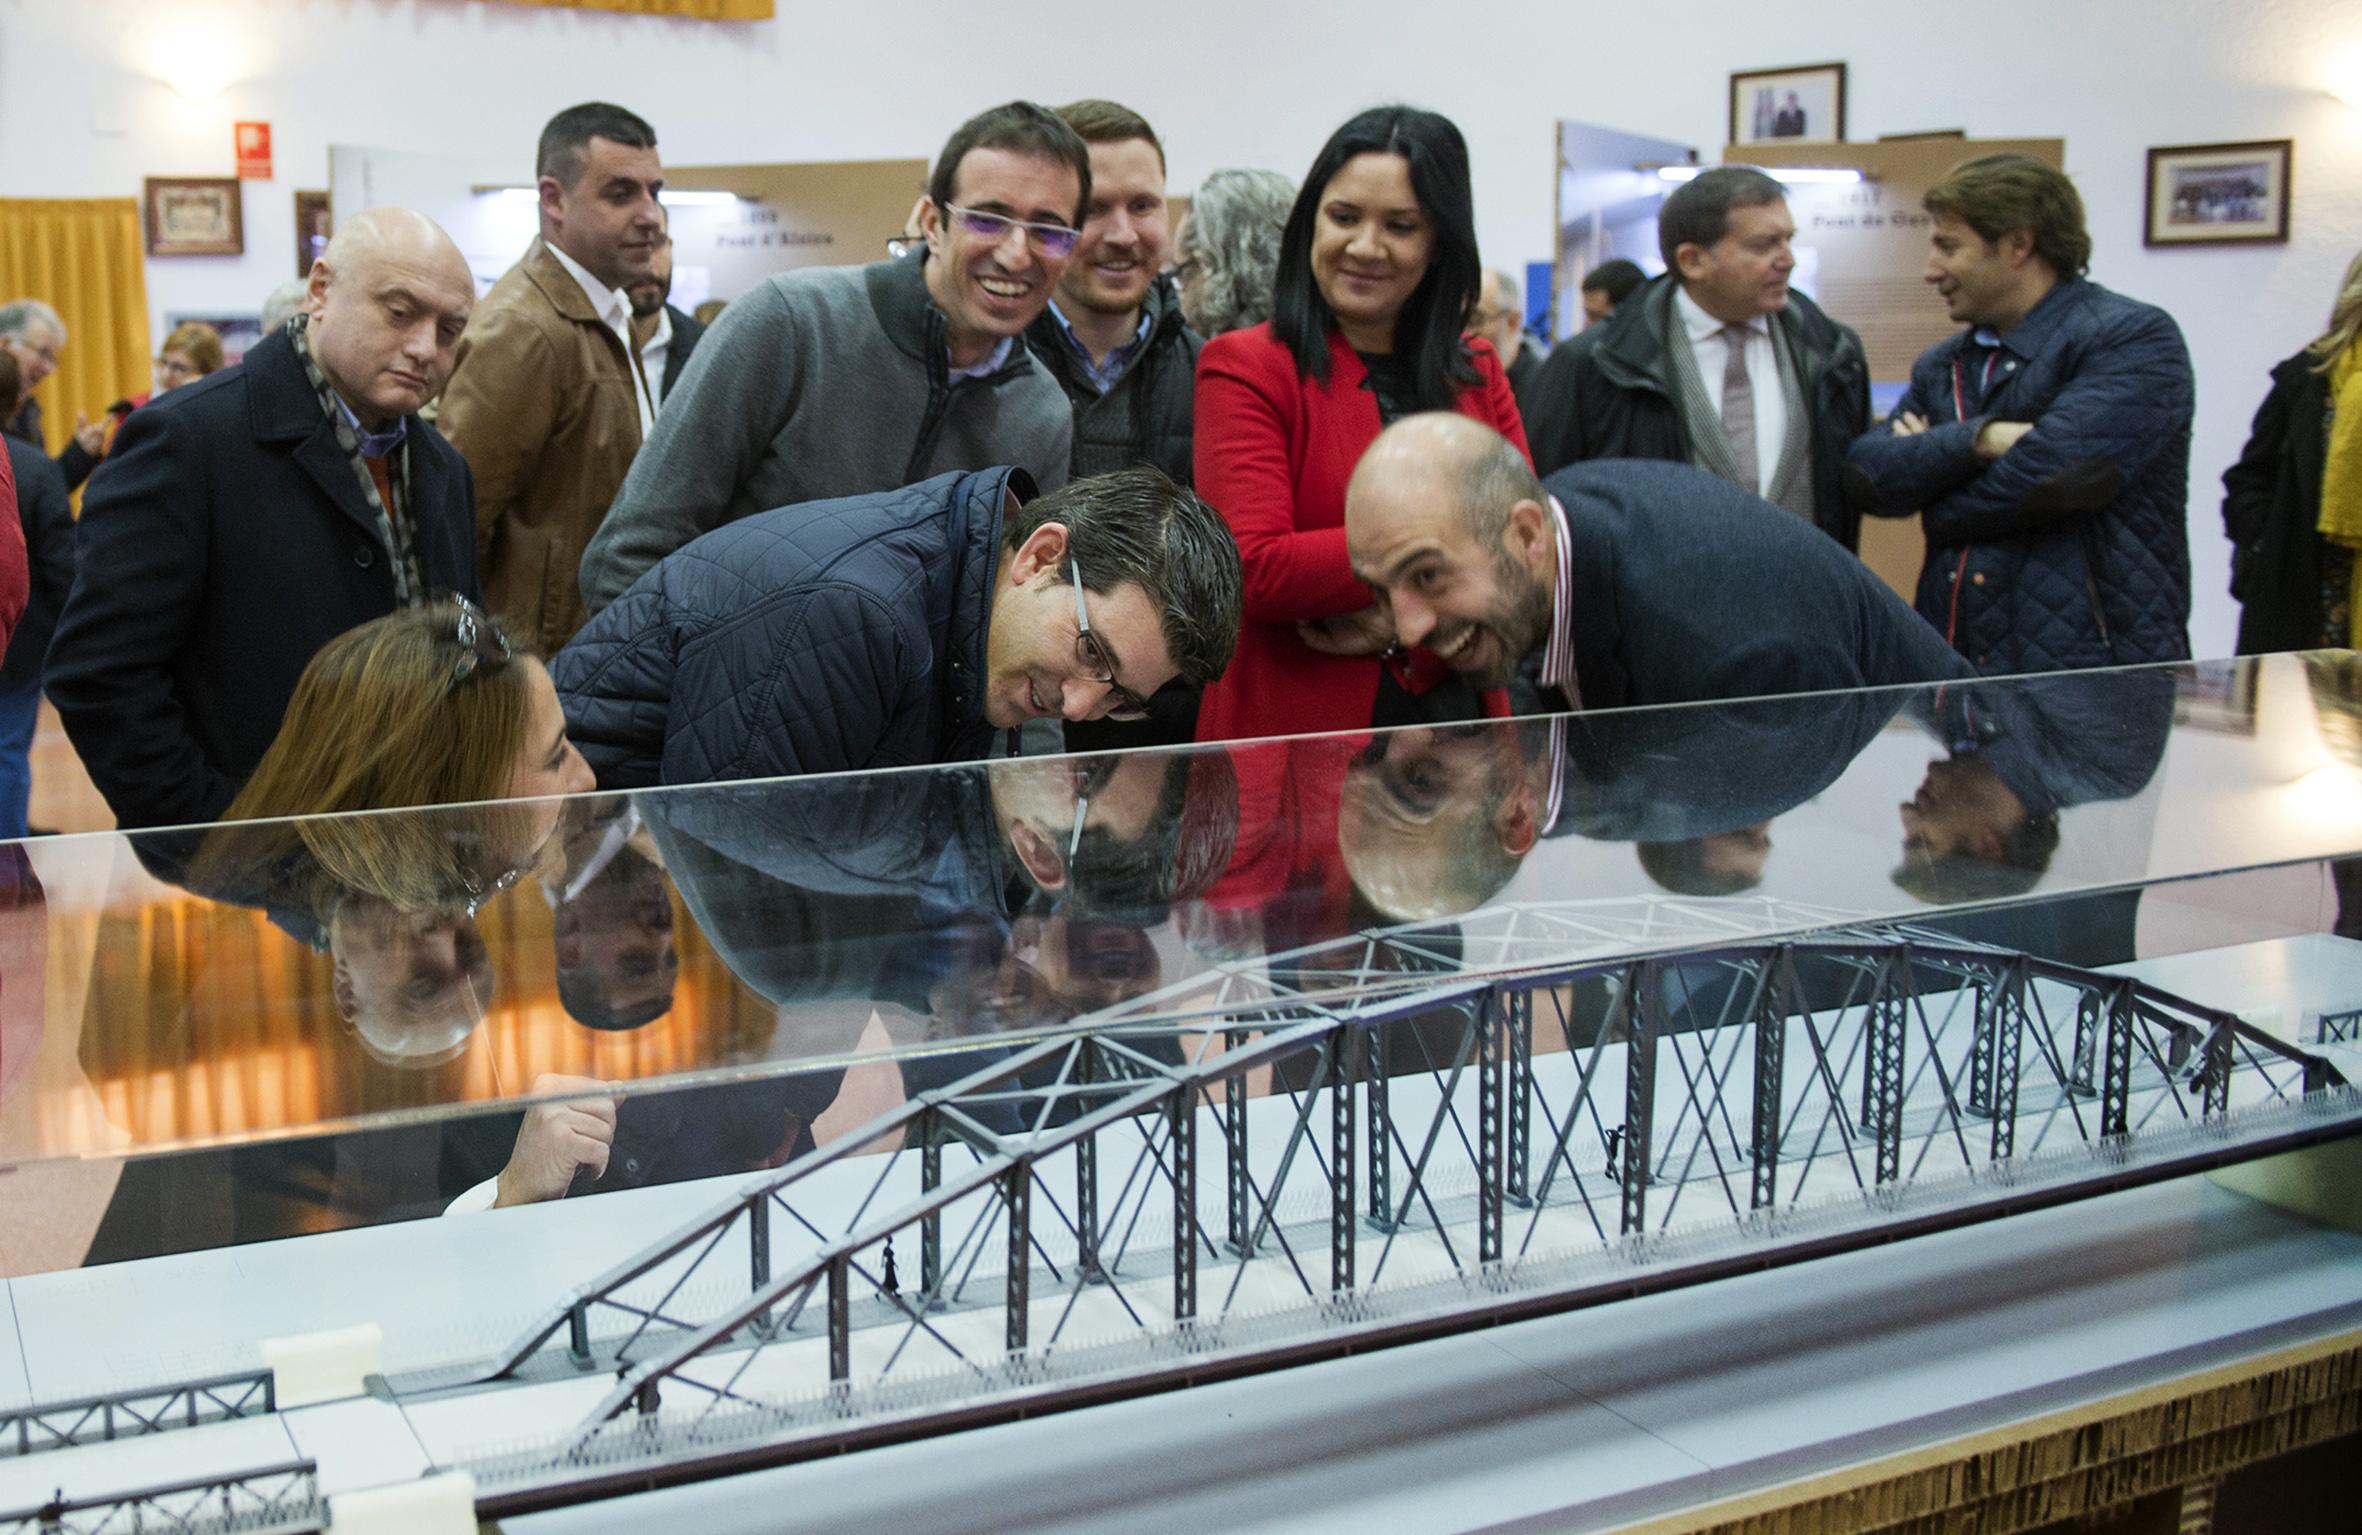 El Diputado Pablo Seguí anunció la acreditación de la actividad durante la inauguración de la muestra en Albalat de la Ribera.